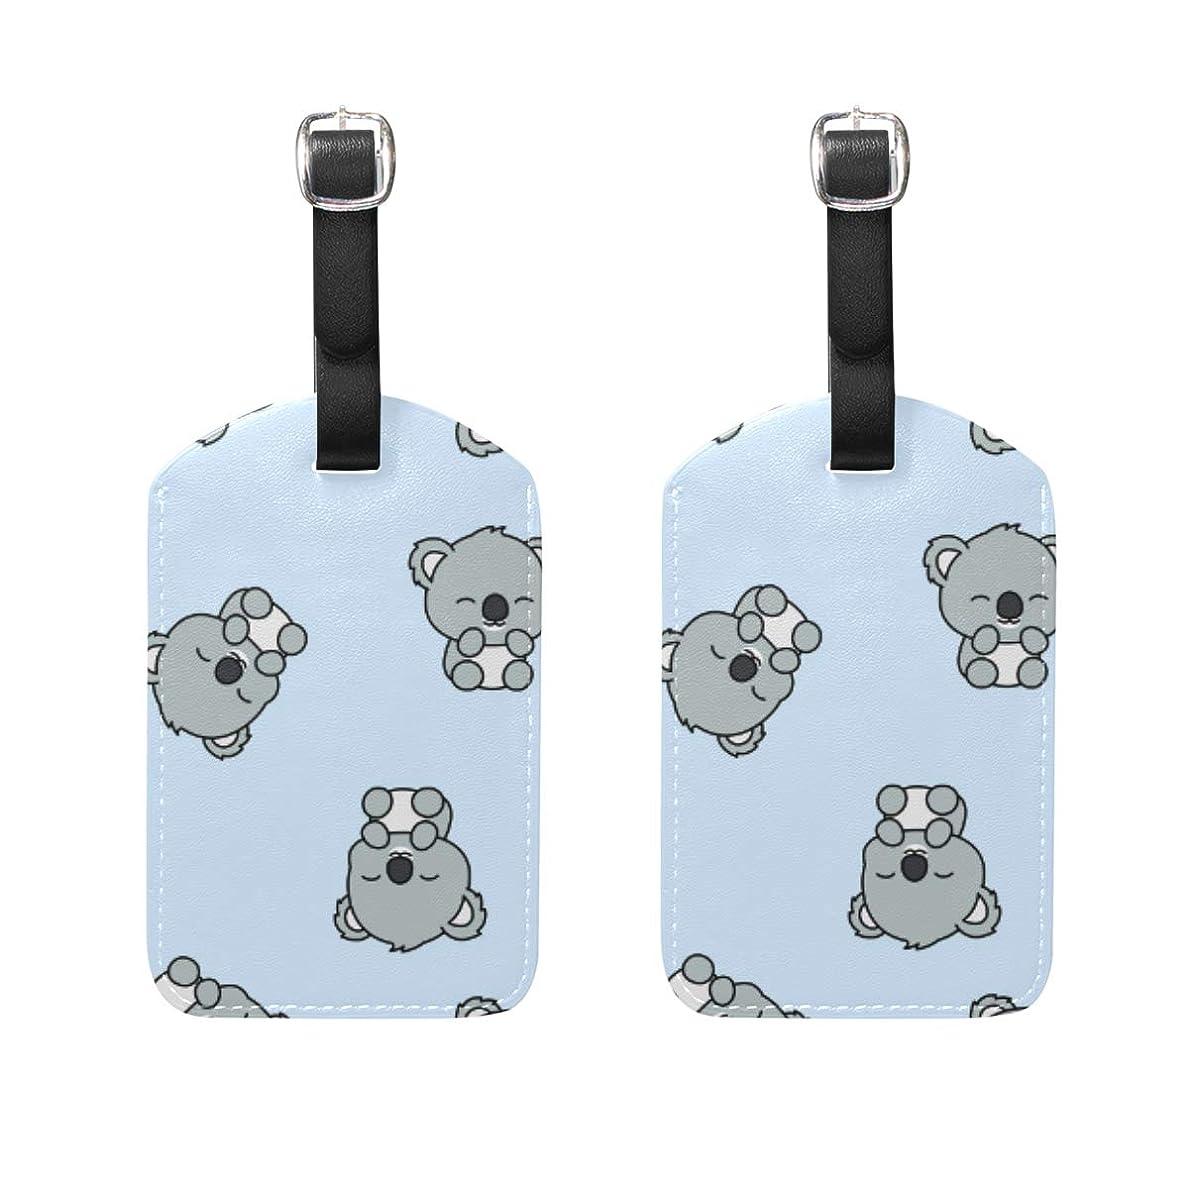 よく話される認知爆発するバッグ用ネームタグ ネームタグ 可愛い コアラ 漫画 パターン 荷物タグ ラゲージタグ かわいい おしゃれ 旅行用 スーツケースタグ PUレザー 2枚入 個性